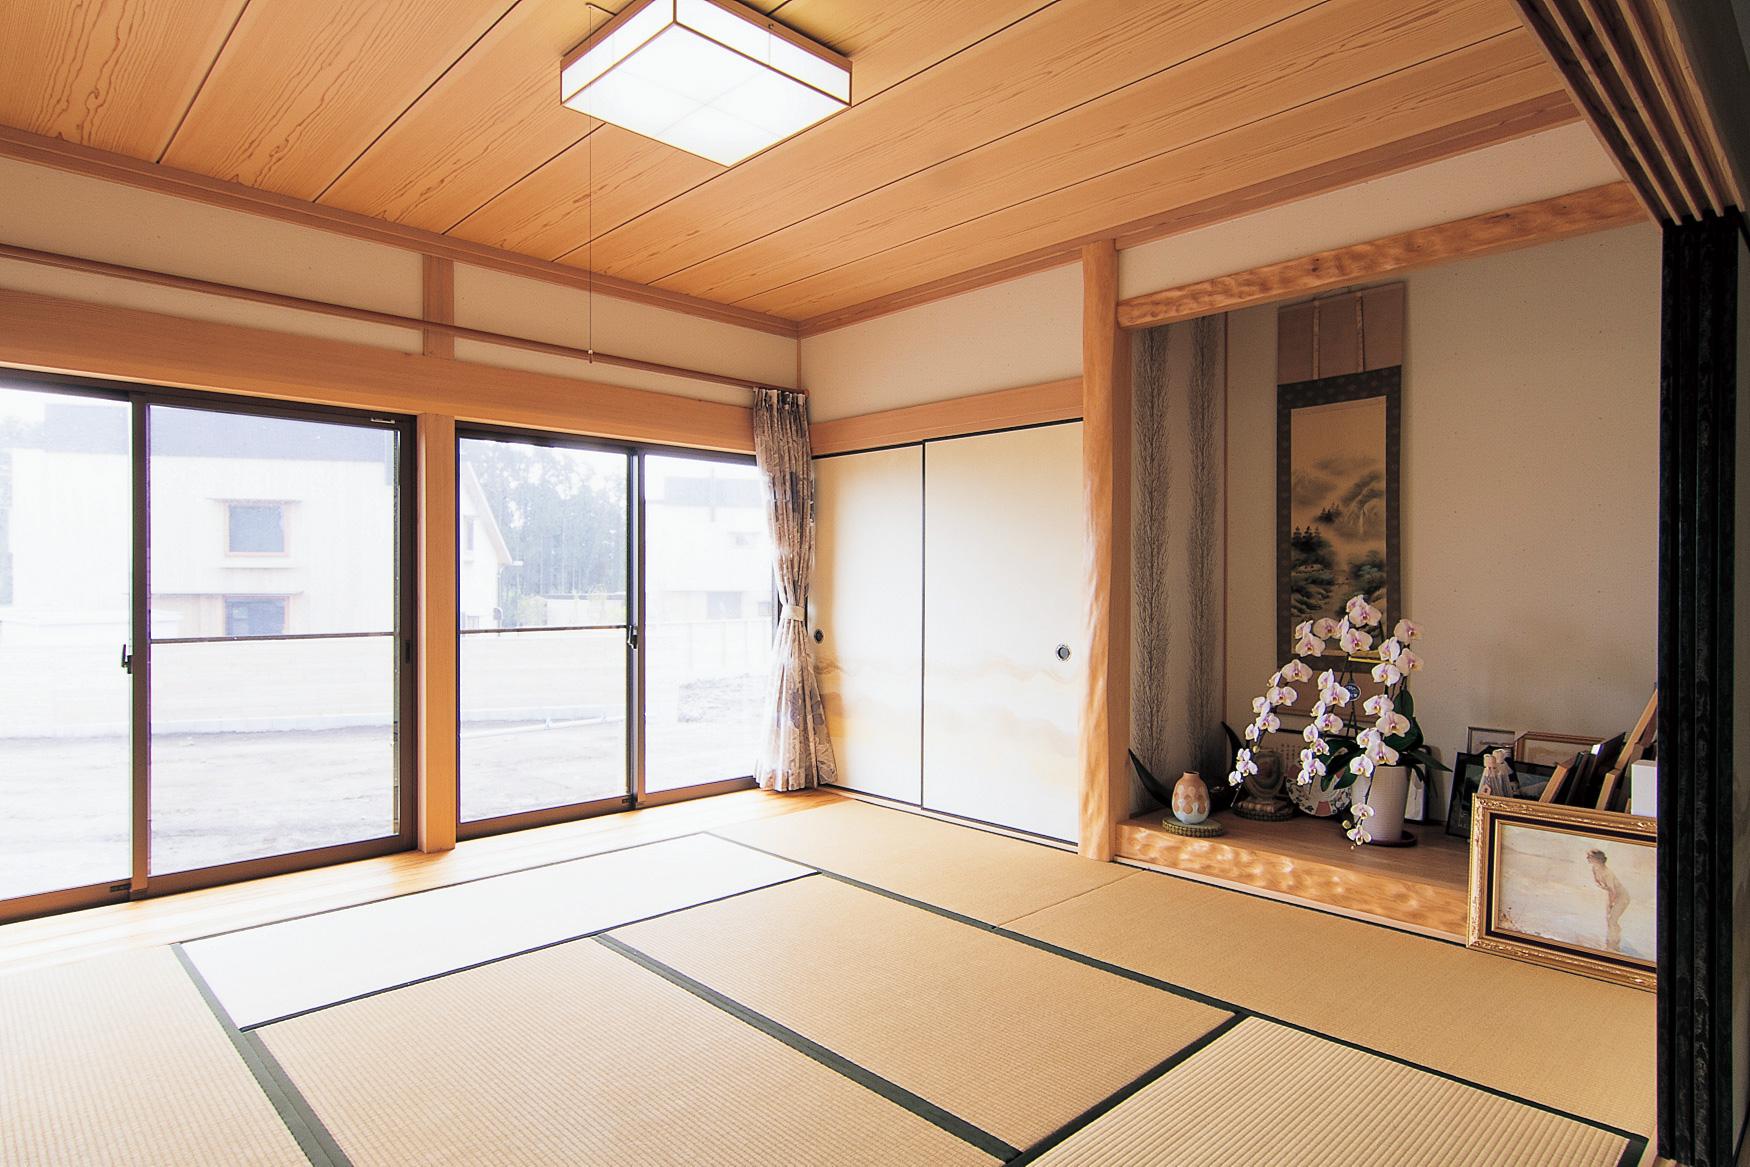 客間としても使う和室はゆとりある広さを確保。光と風を通す開口も大きい。腰板の見切り部分は面を取り、掃除しやすく